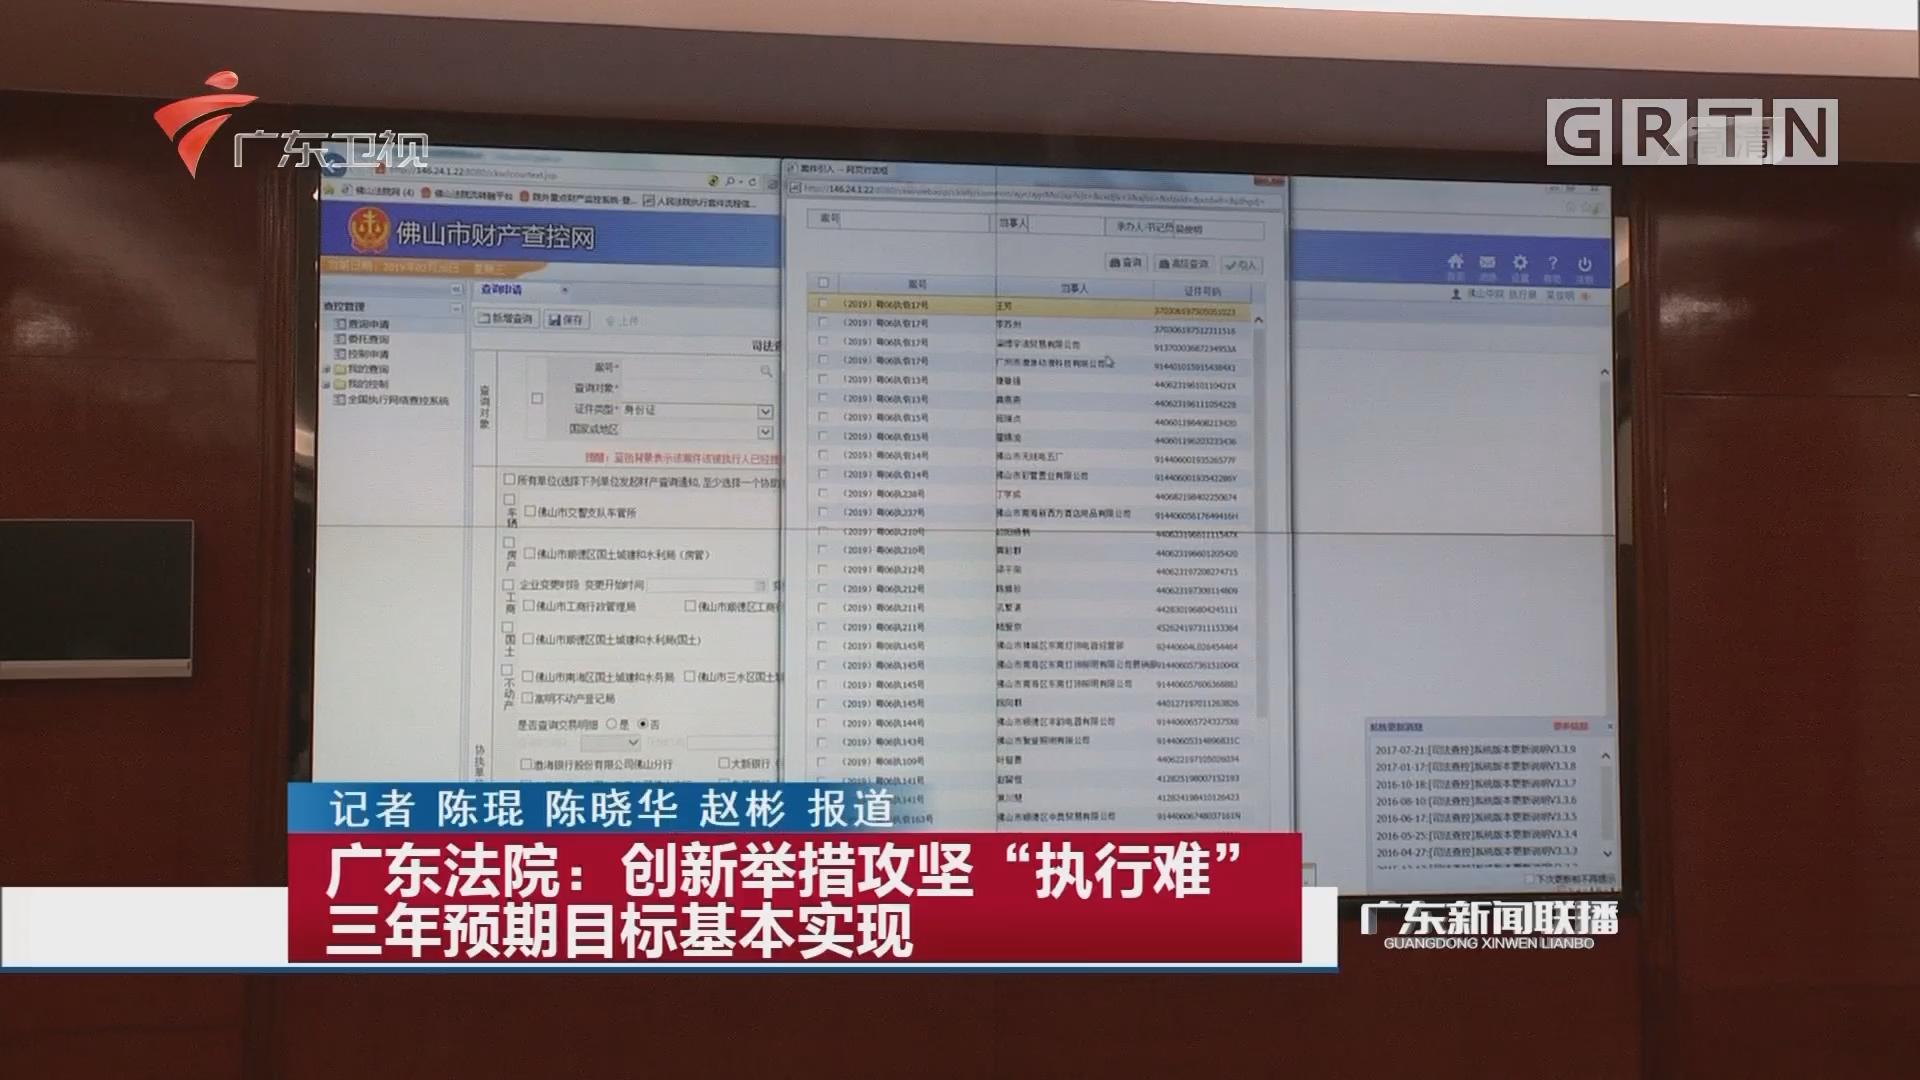 """广东法院:创新举措攻坚""""执行难"""" 三年预期目标基本实现"""